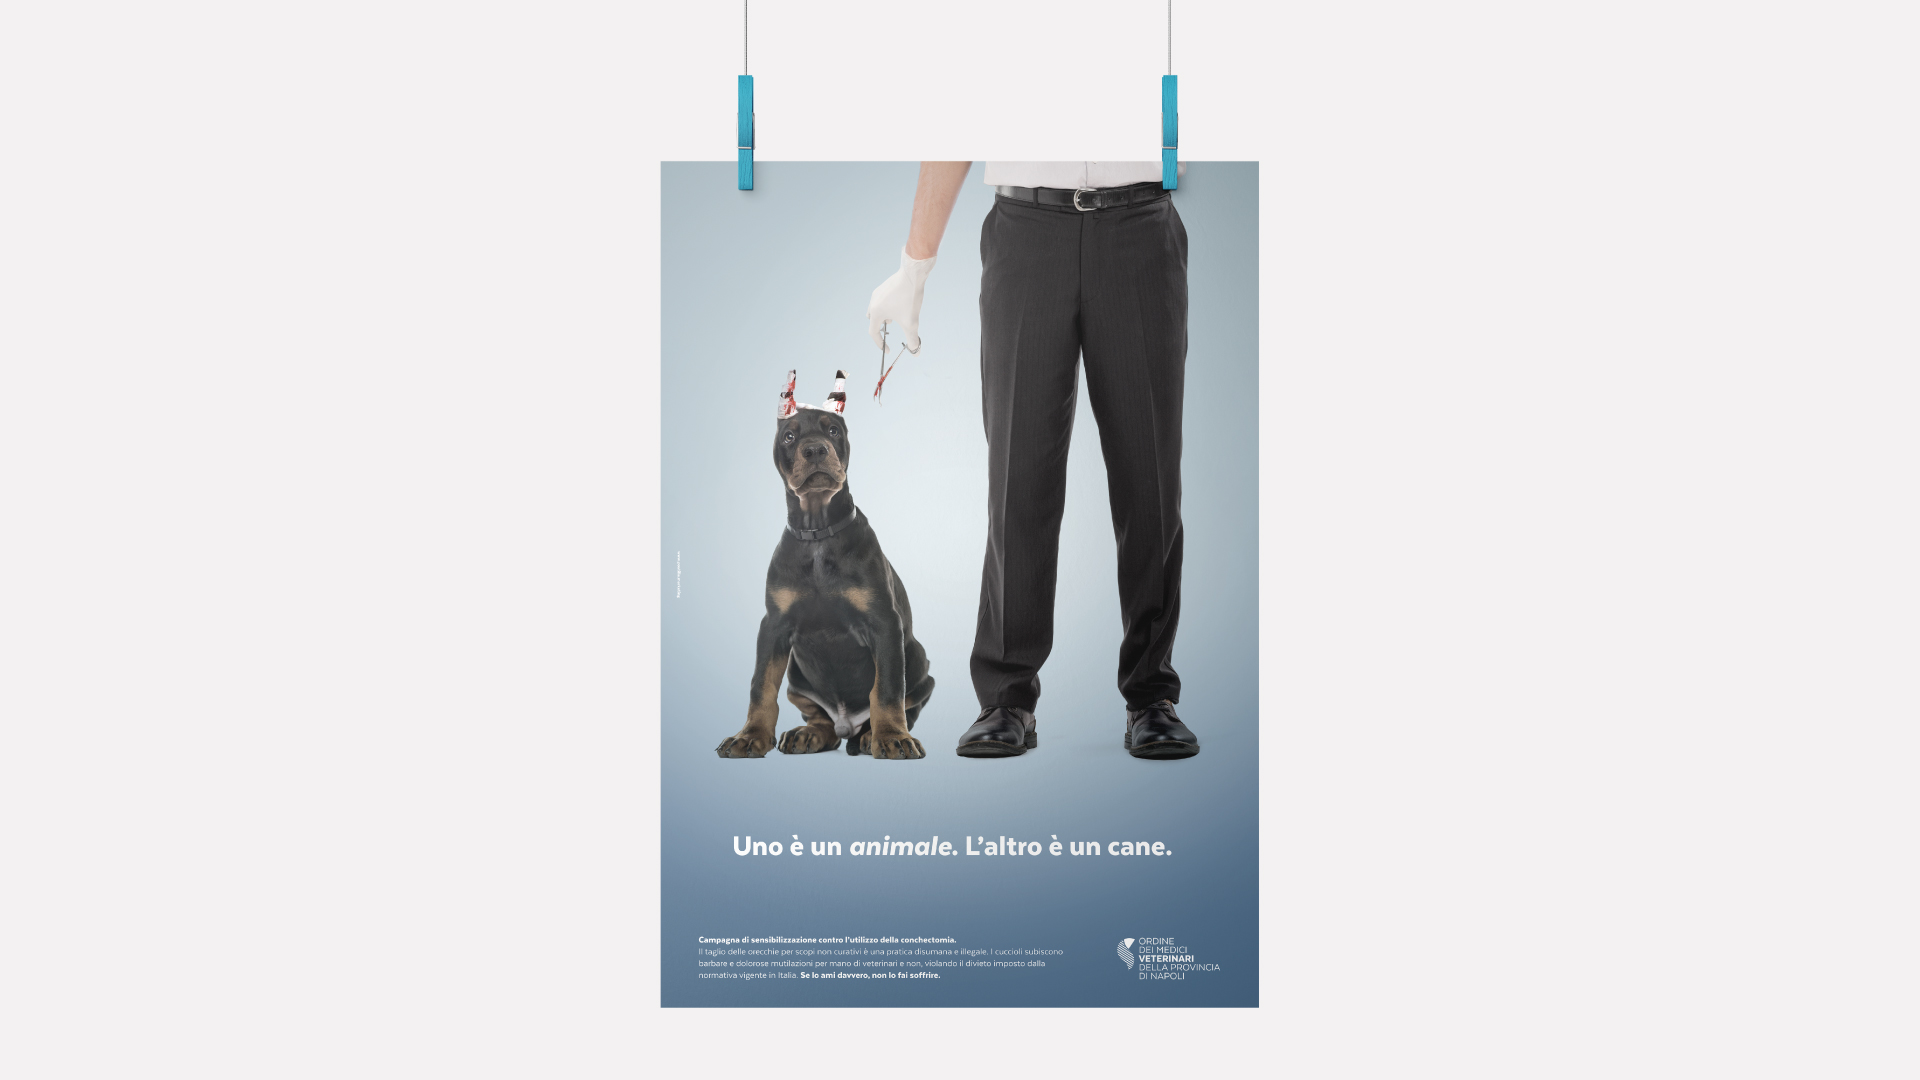 pubblicità ordine dei medici veterinari